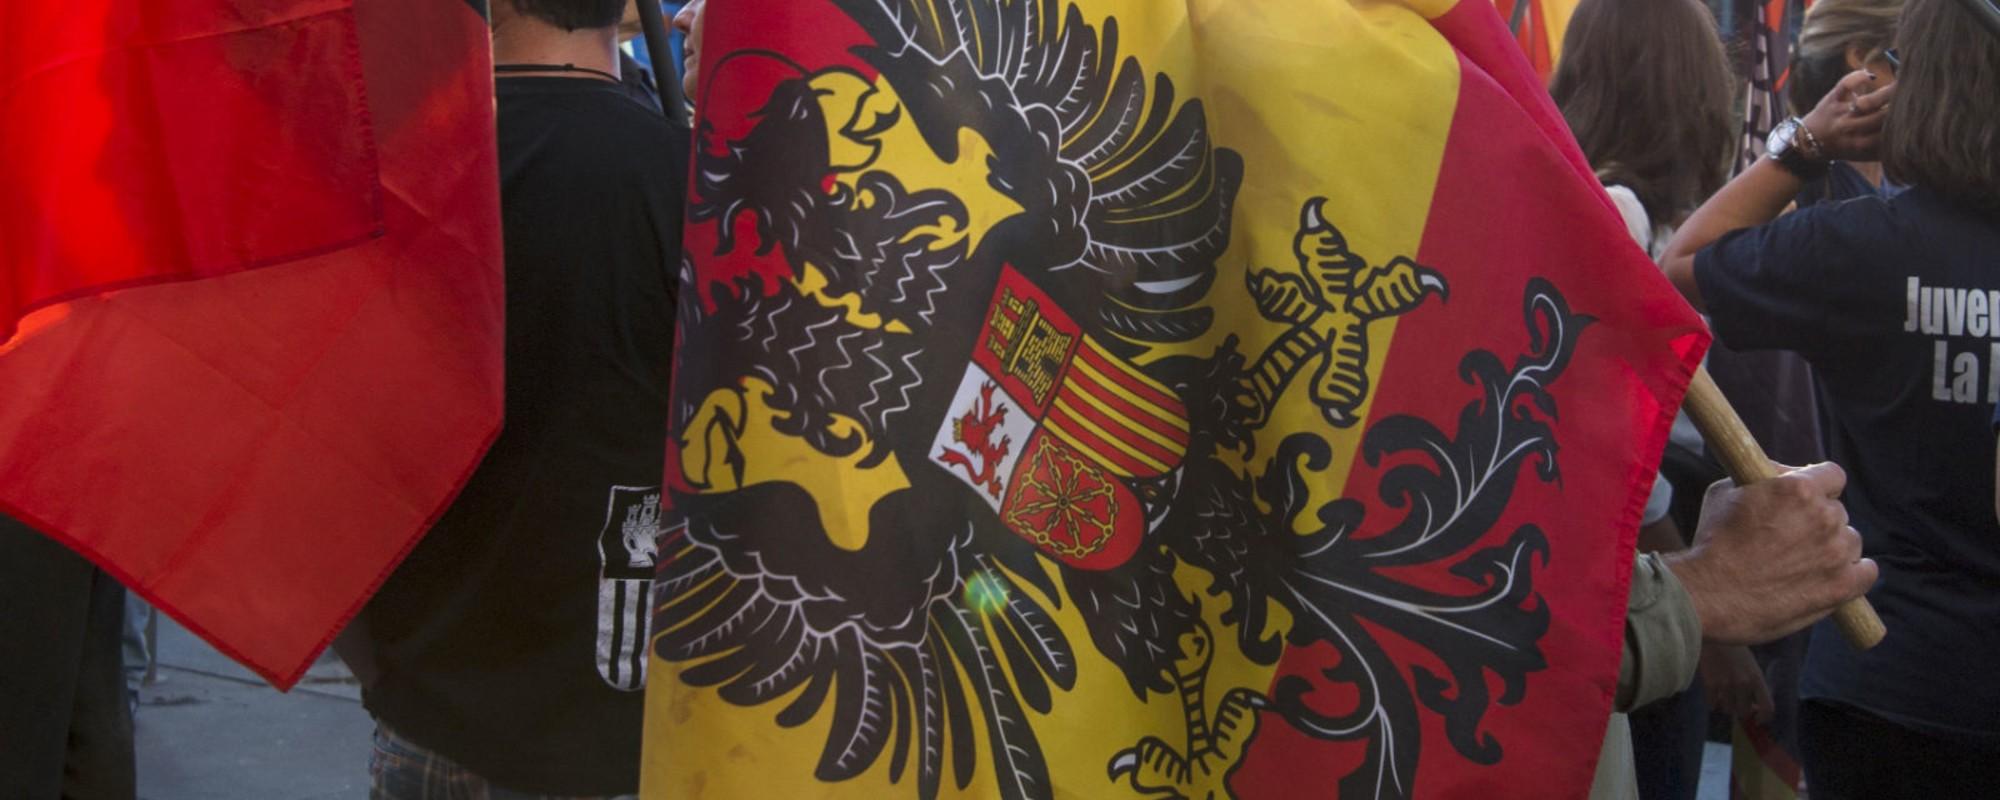 """""""Pujol ladrón, masón y julandrón"""": los fascistas contra la independencia catalana en Madrid"""